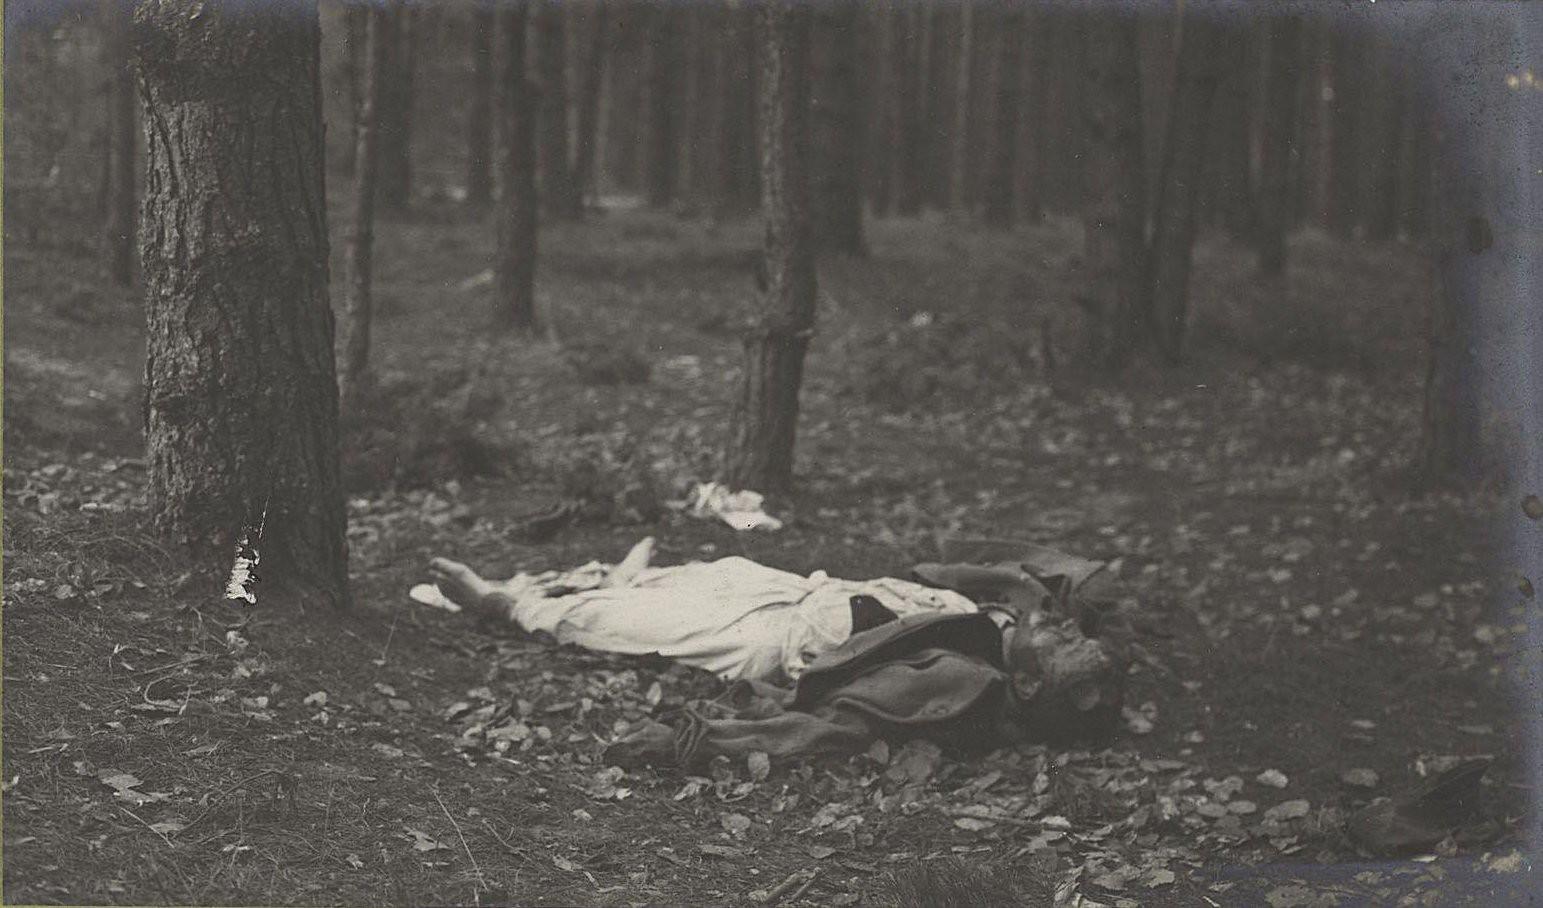 43. Трупы австрийцев нижних чинов, погибших при отступлении германцев от Вислы, в Августовском лесу у Козениц